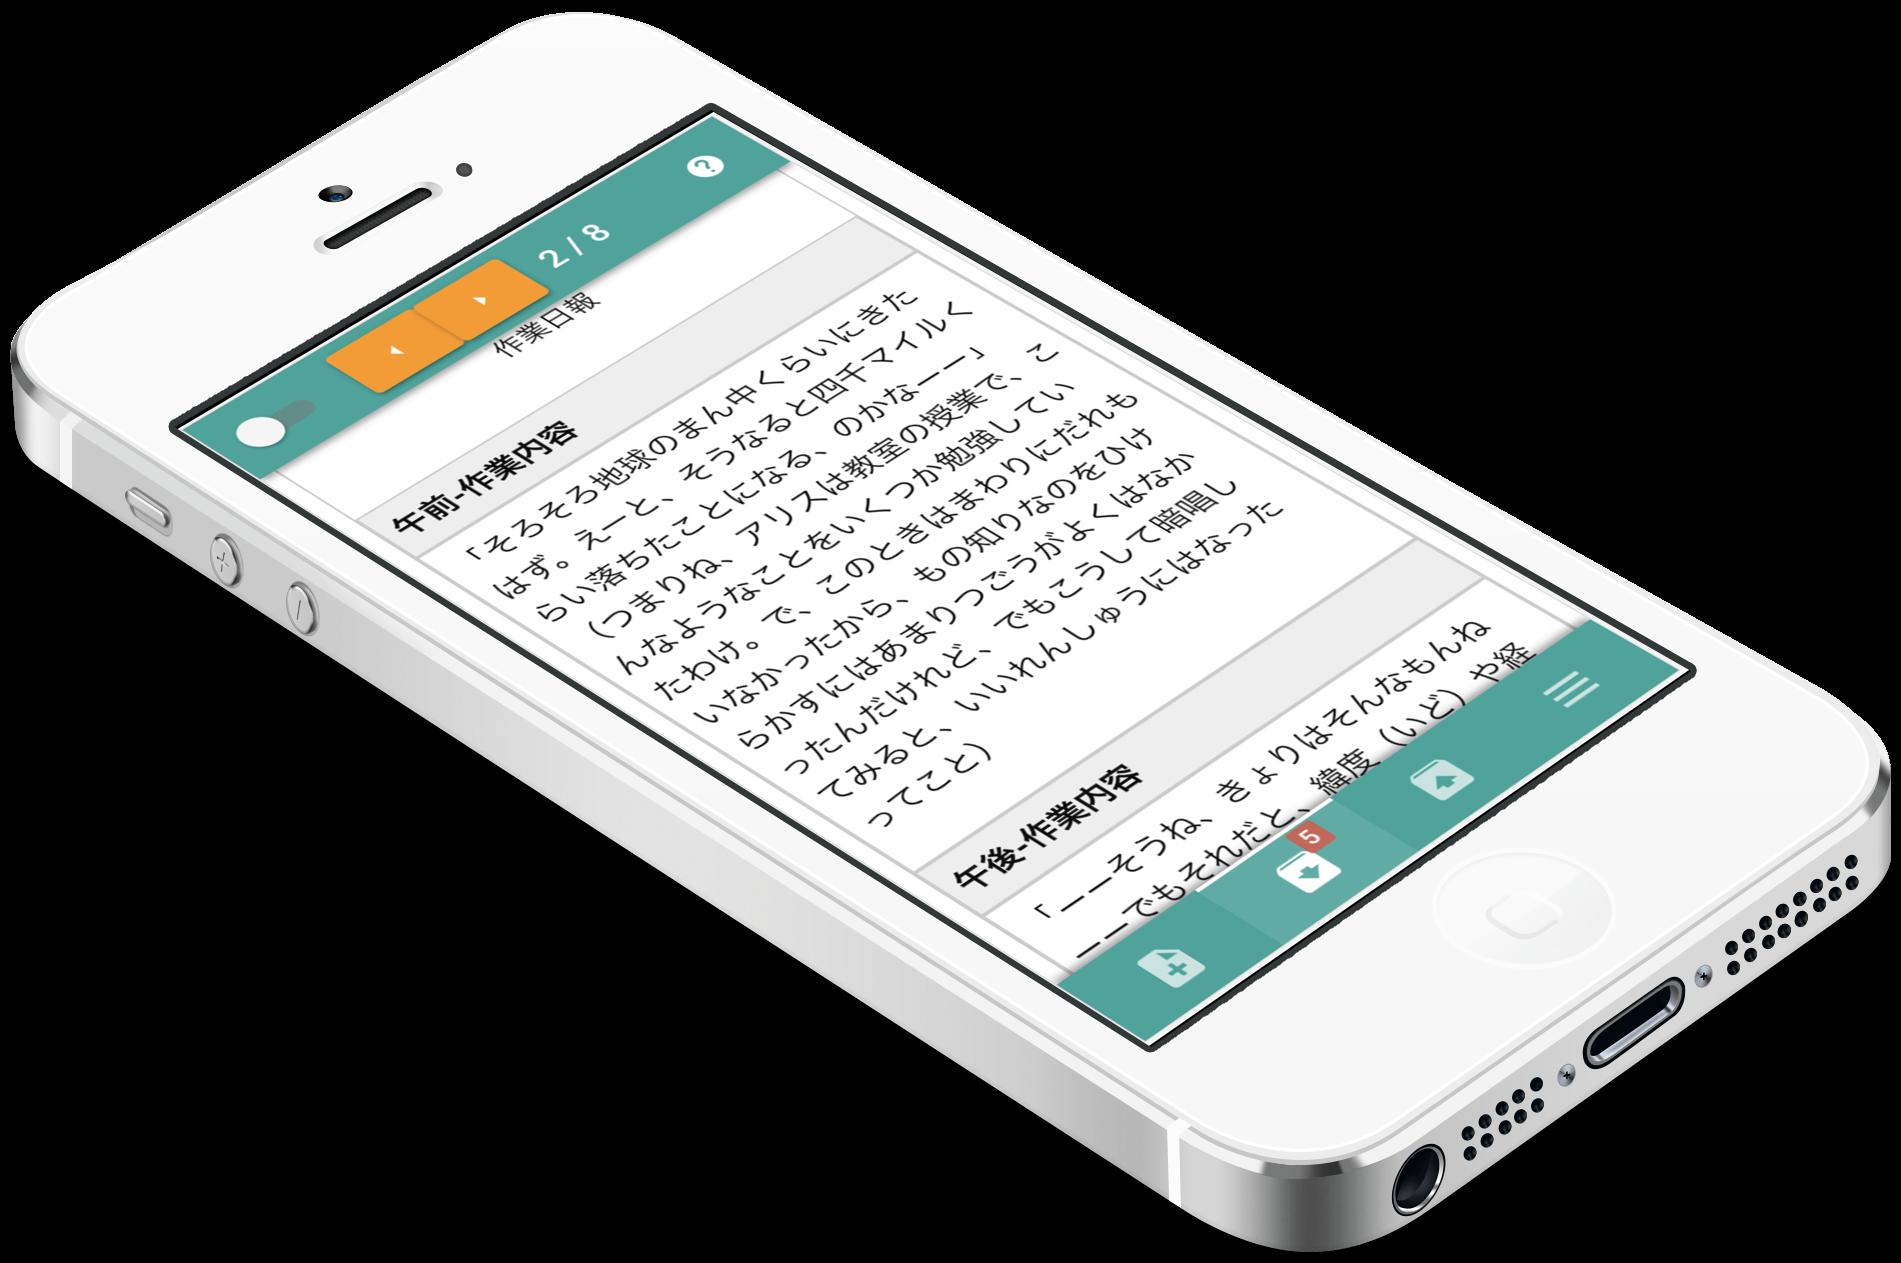 スマートフォンで日報を表示した例